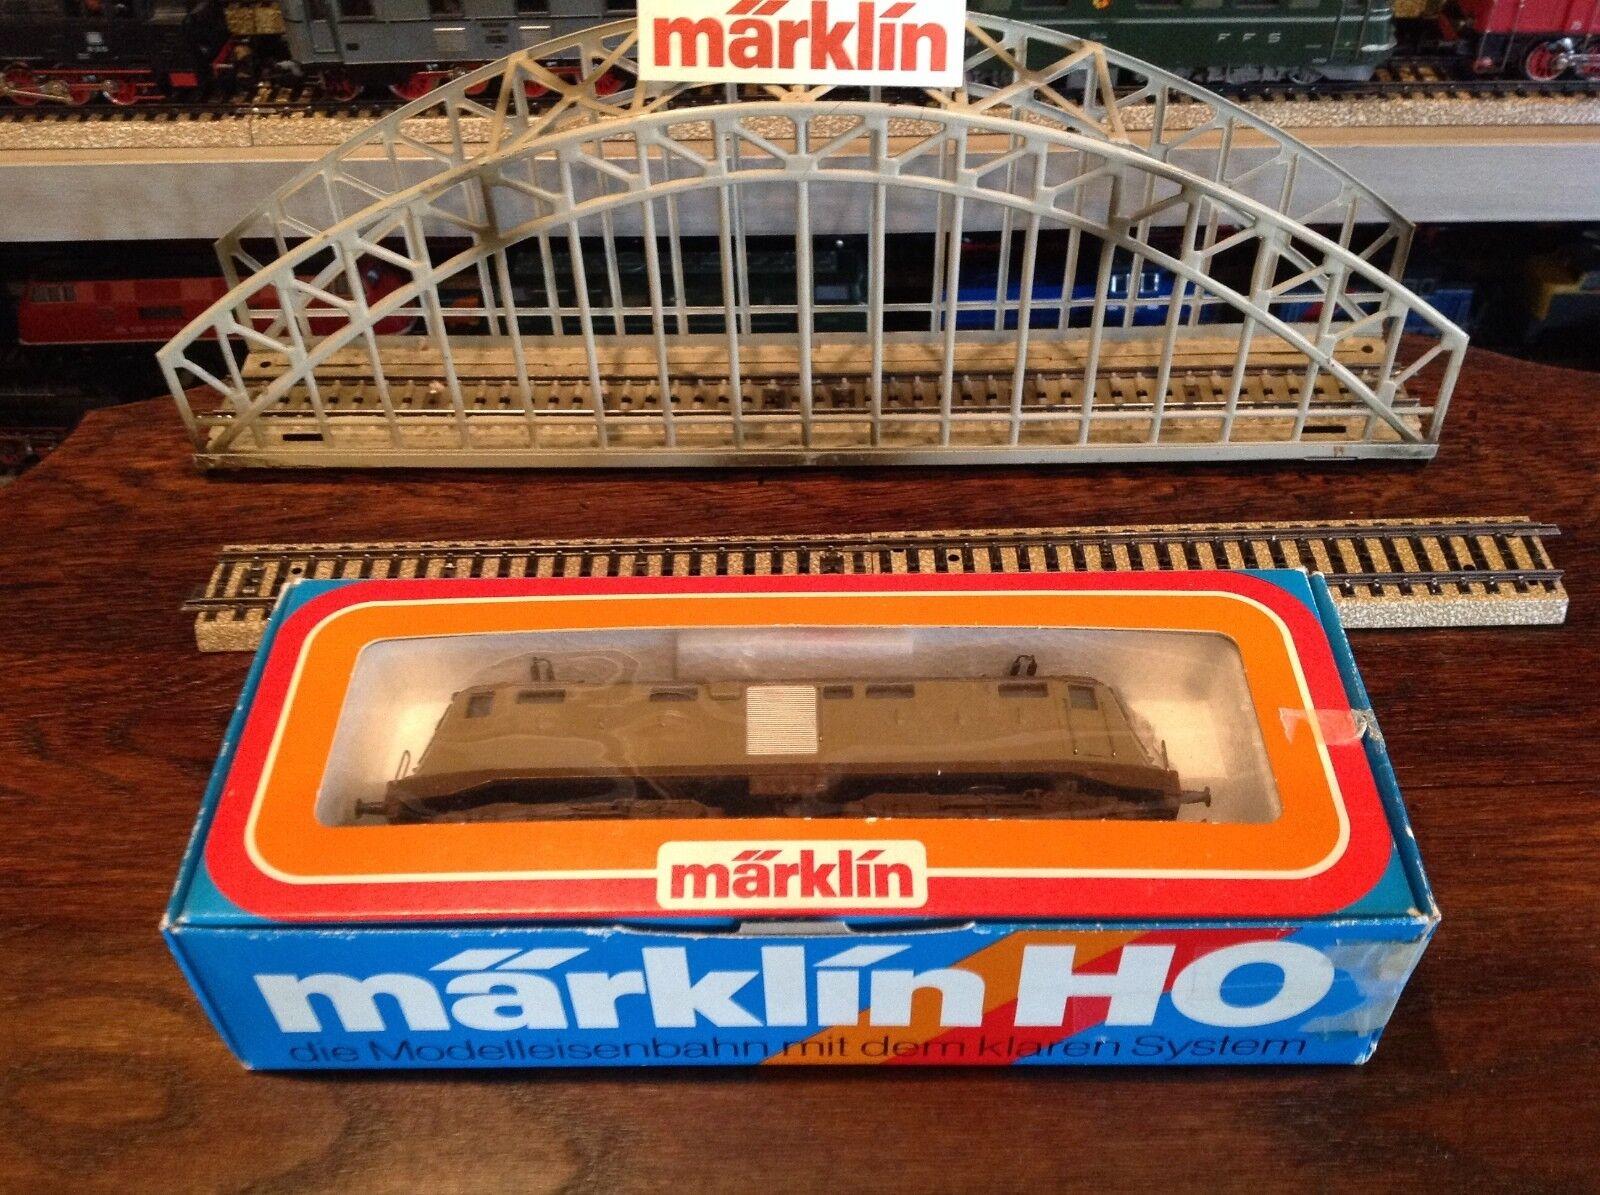 Marklin HO 3035 Electro Loco ferrocarril italiano hecho en Alemania W